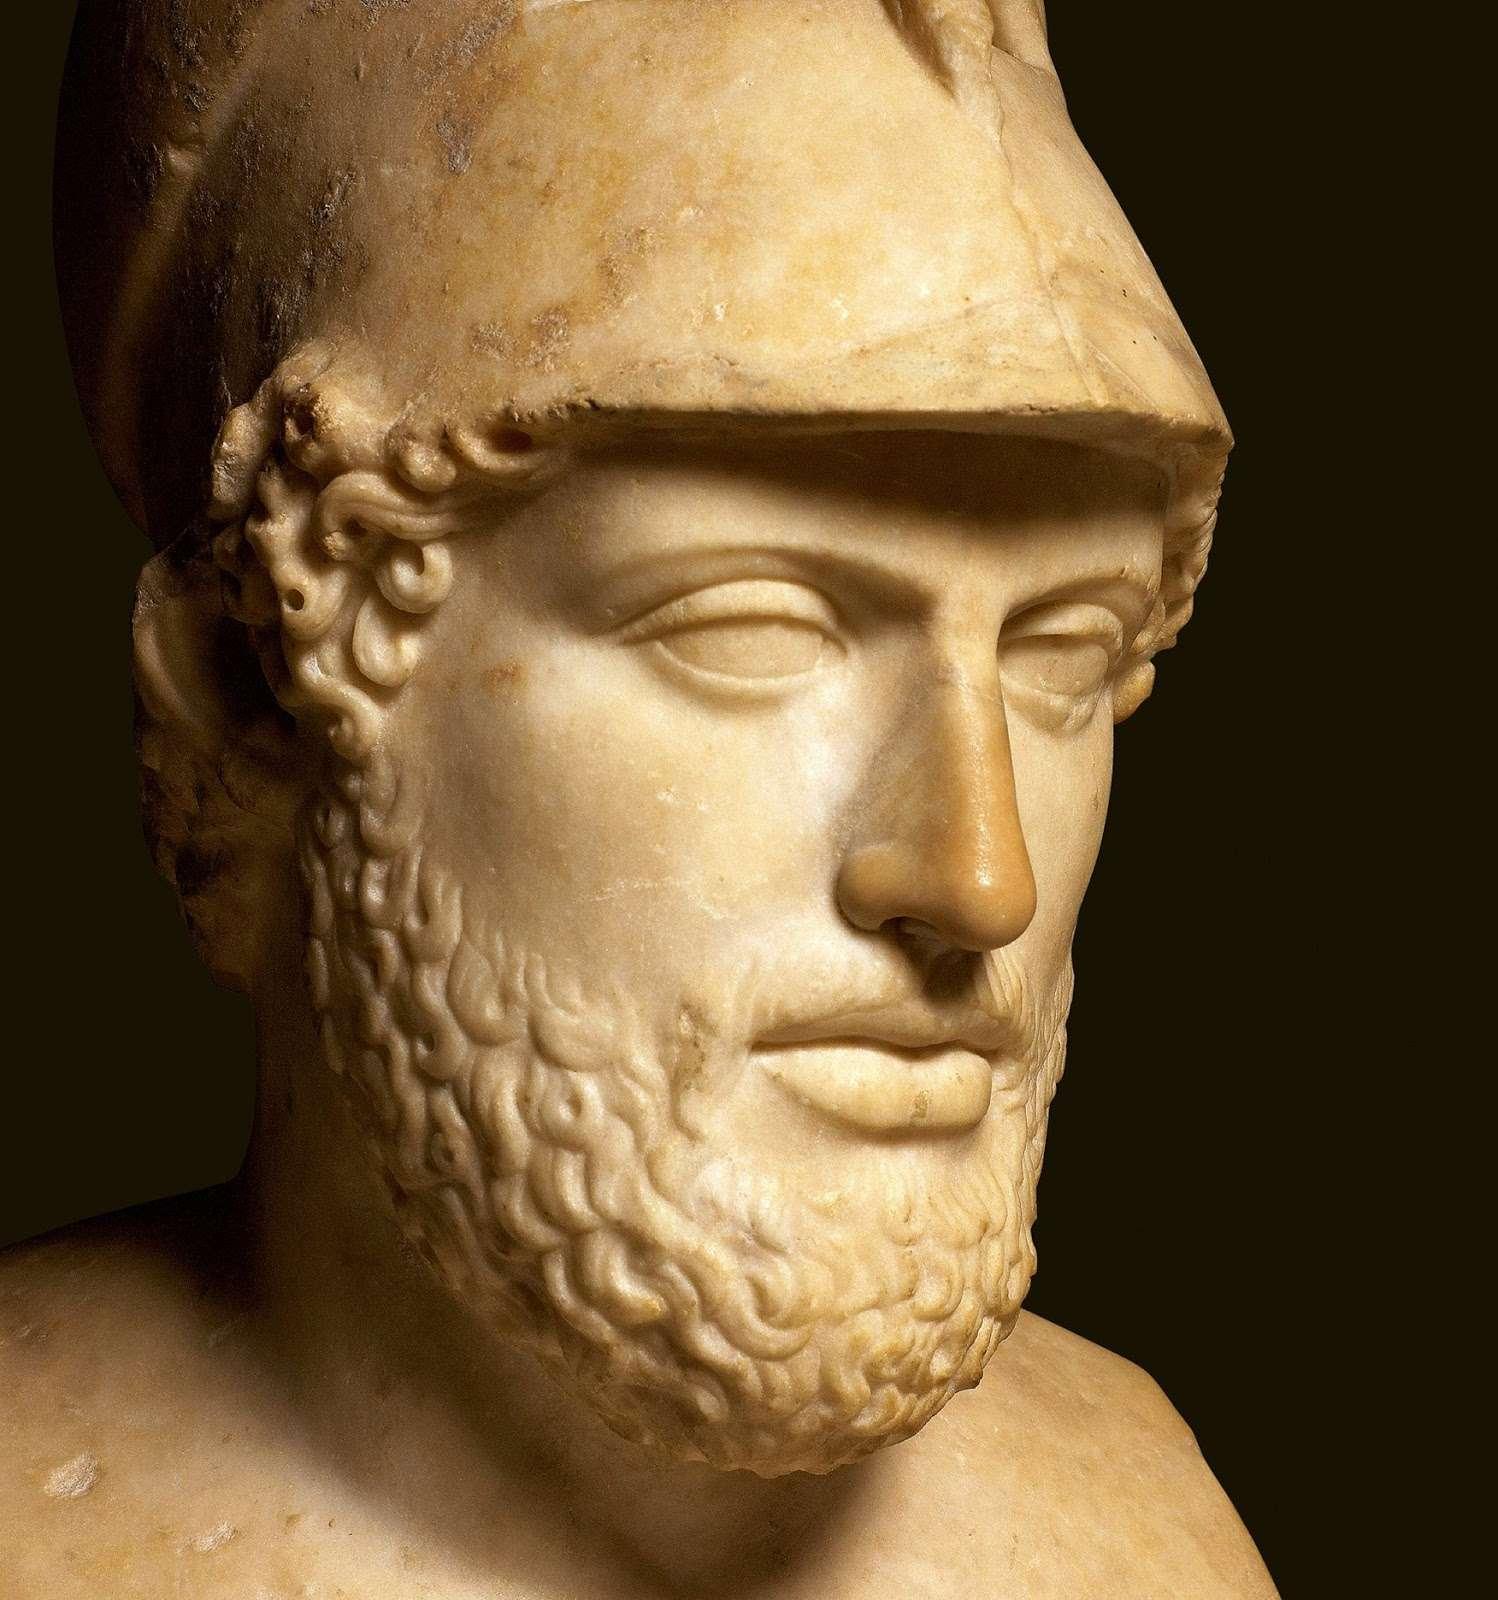 Ο Περικλής (από τις λέξεις περί και κλέος δηλαδή o περιτριγυρισμένος από δόξα, περίδοξος, περίπου 495-429 π.Χ.) ήταν Αρχαίος Έλληνας πολιτικός, ρήτορας και στρατηγός του 5ου αιώνα π.Χ., γνωστού και ως «Χρυσού Αιώνα», και πιο συγκεκριμένα της περιόδου μεταξύ των Περσικών Πολέμων και του Πελοποννησιακού Πολέμου.